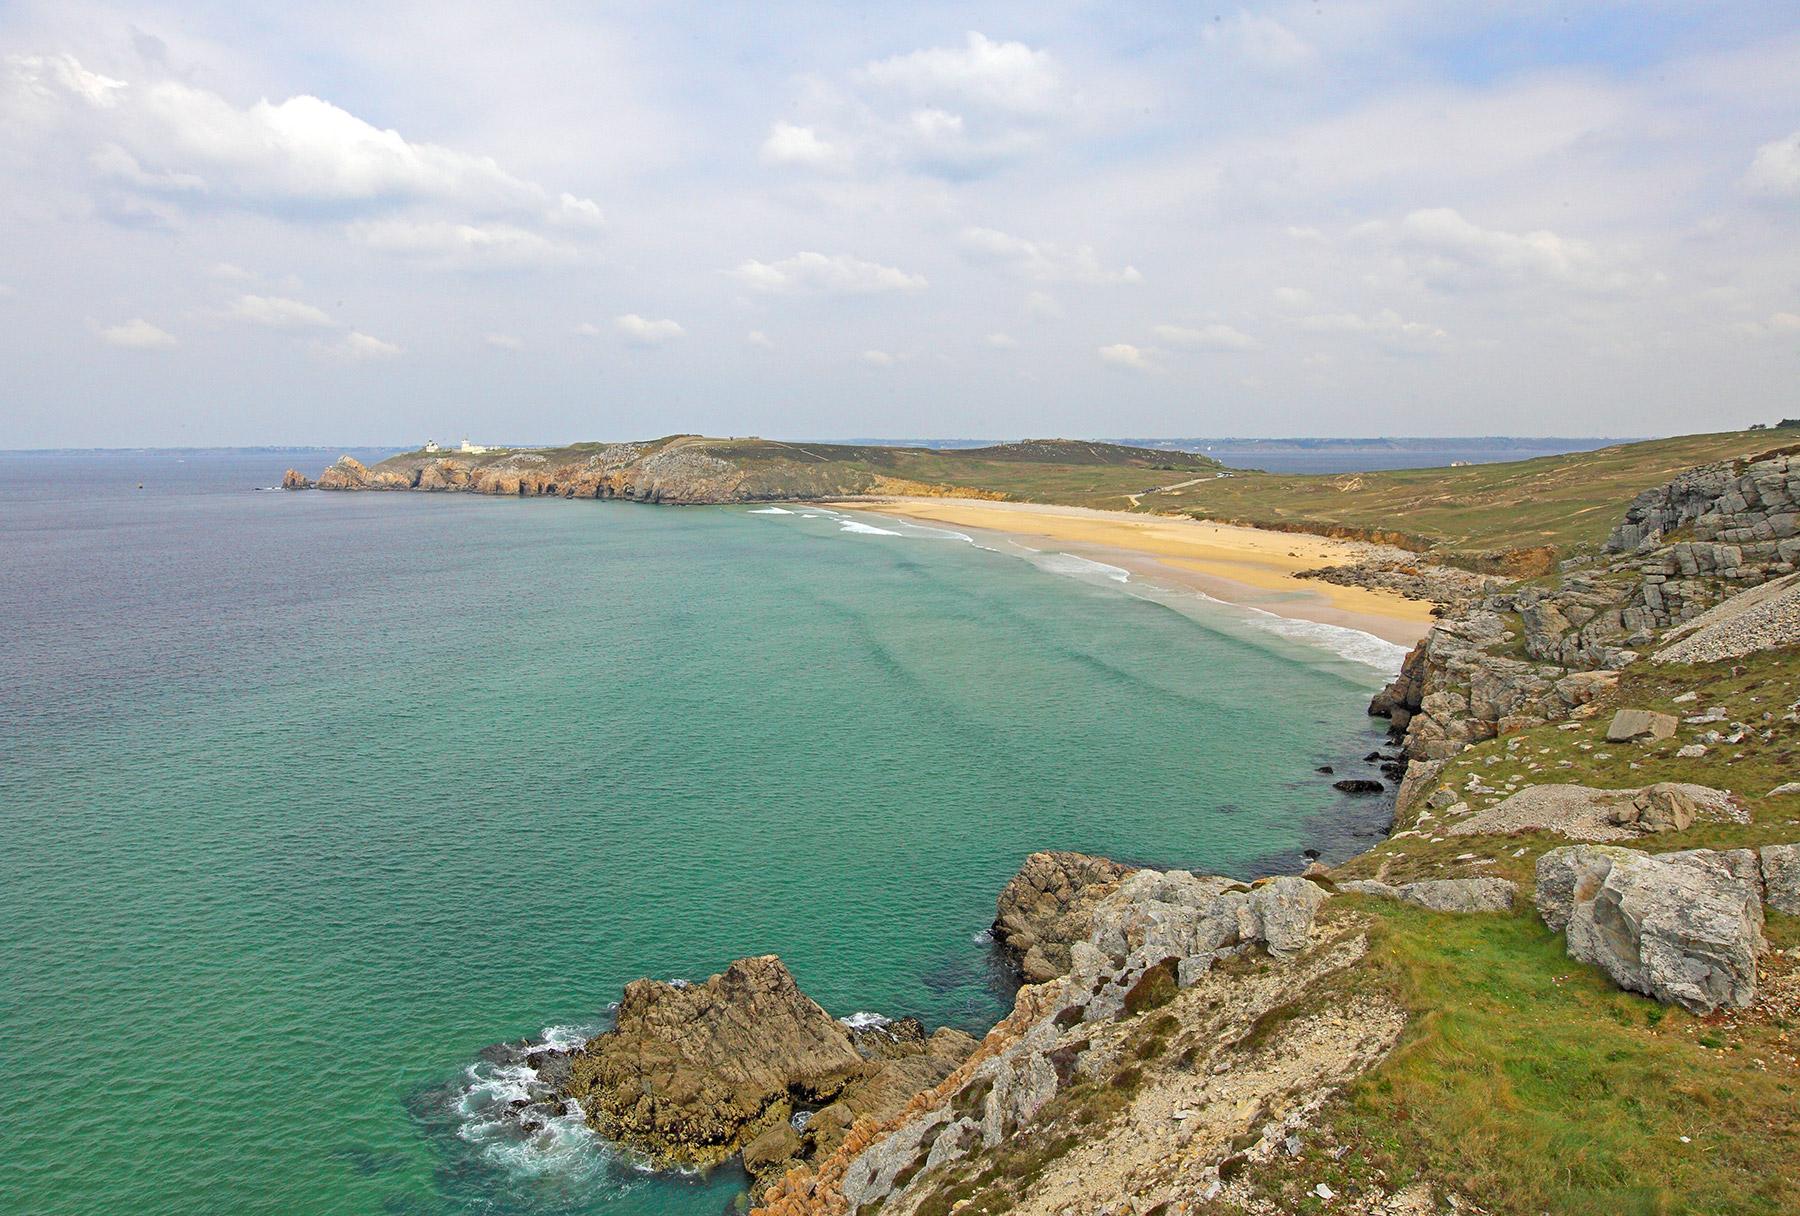 Voyage en bretagne du sud les plus beaux sites bretagne for Agence paysage bretagne